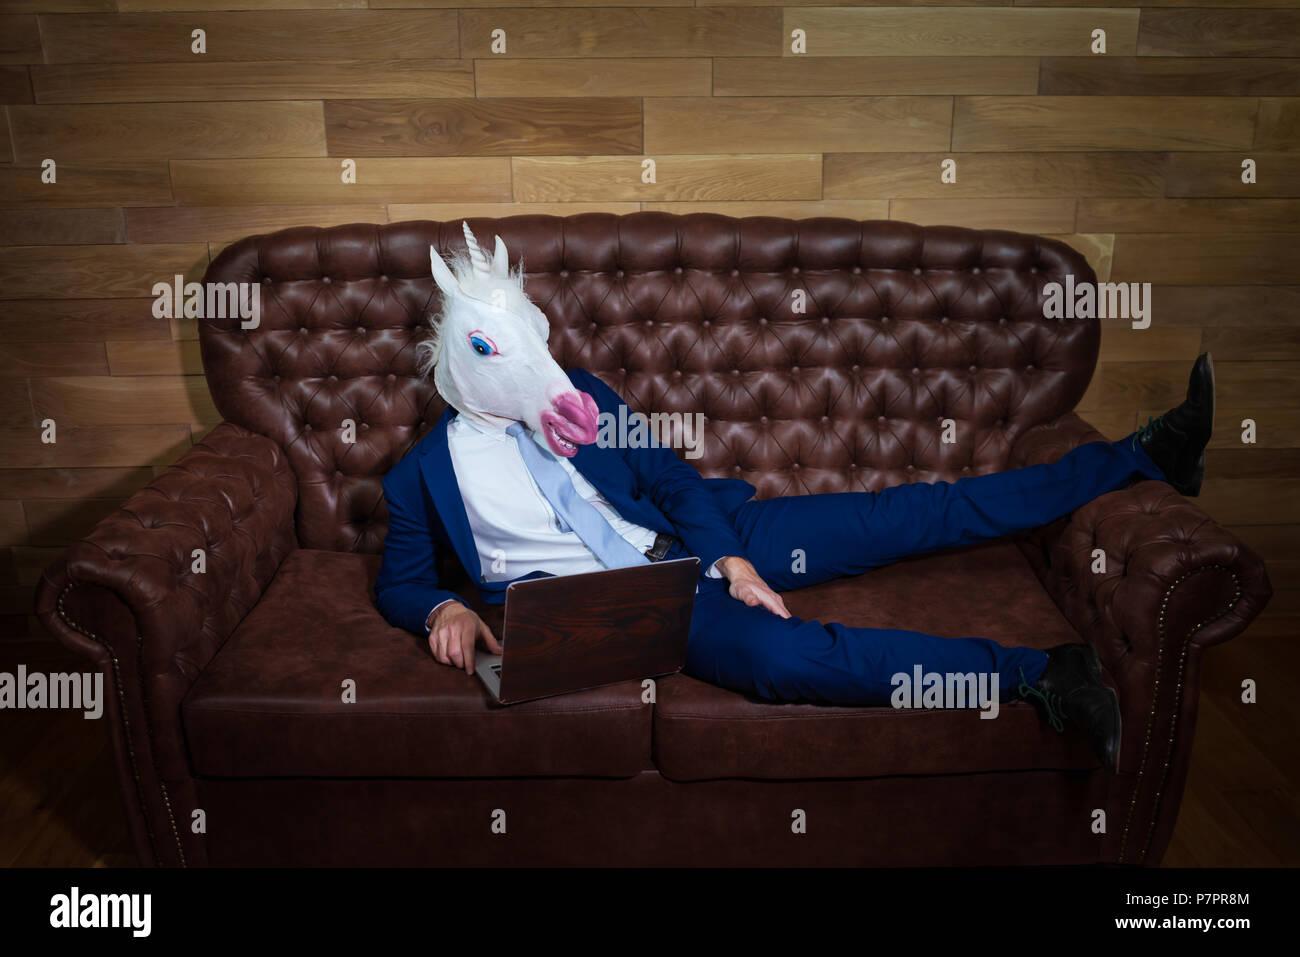 Fremder Mann Im Anzug Zu Hause Arbeiten Im Buro Ungewohnliche Junge Manager In Komischen Maske Auf Dem Hintergrund Der Holzernen Wand Lustige Einhorn Sitzt Auf Einem Sofa Wie Ein Chef Stockfotografie